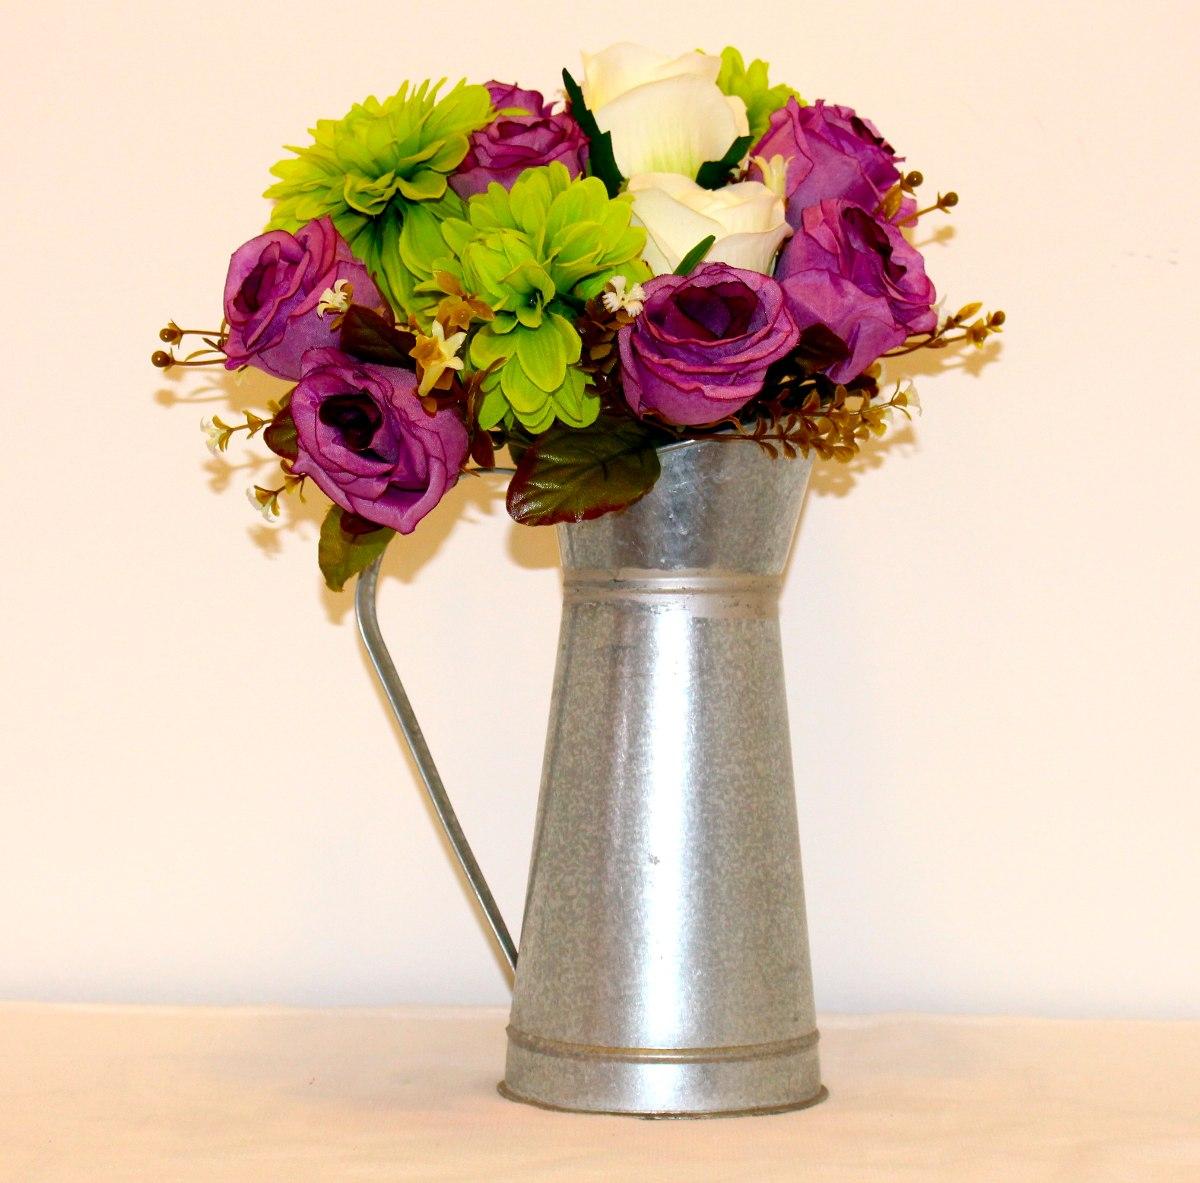 ddaeec3295e50 arreglo floral centro de mesa flores artificiales jarra. Cargando zoom.